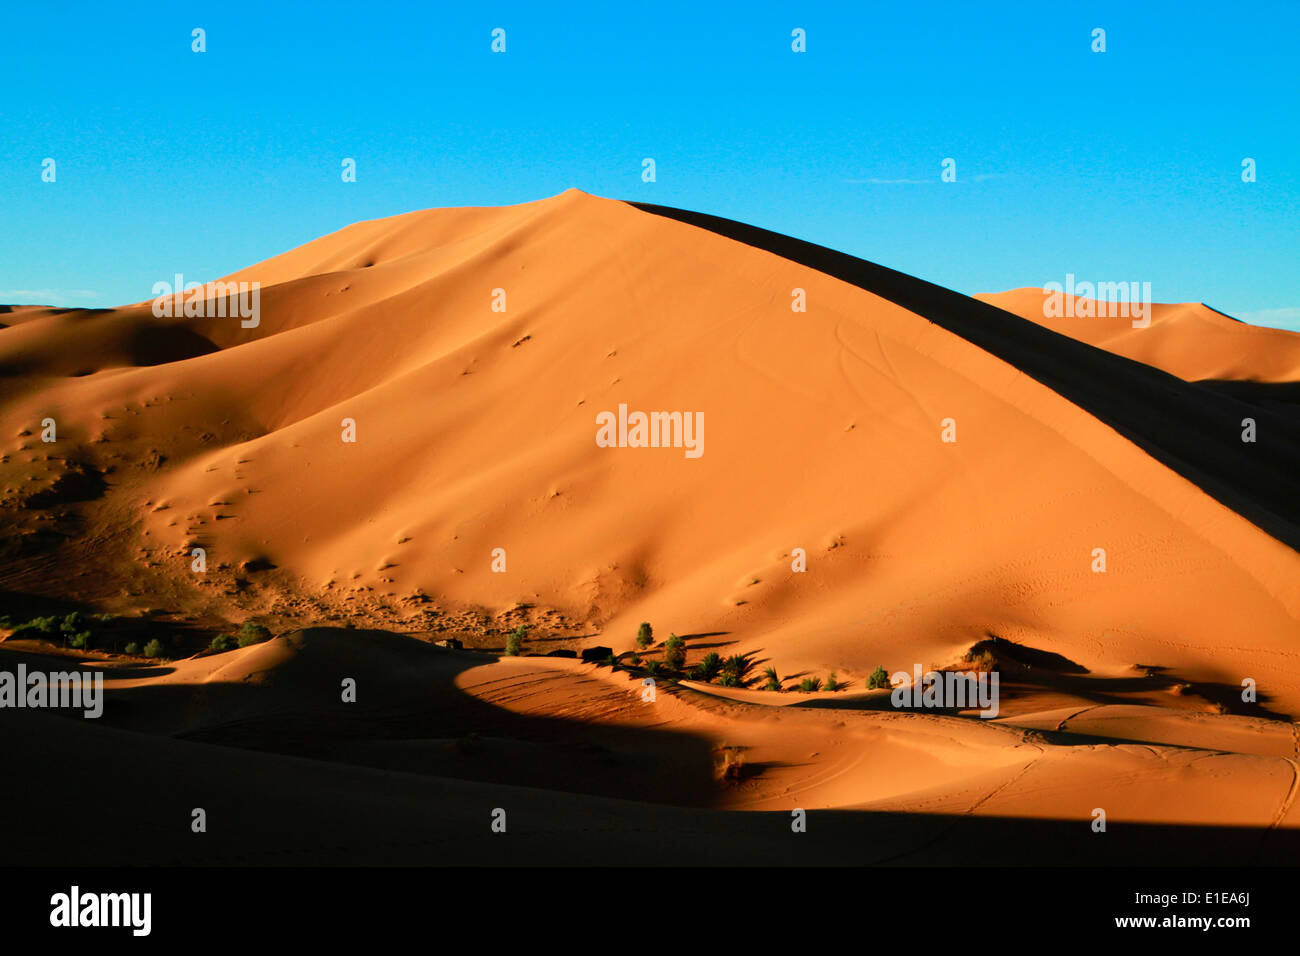 Erg Chebbi Sanddünen in der Sahara Wüste in der Nähe von Merzouga, Marokko Stockfoto